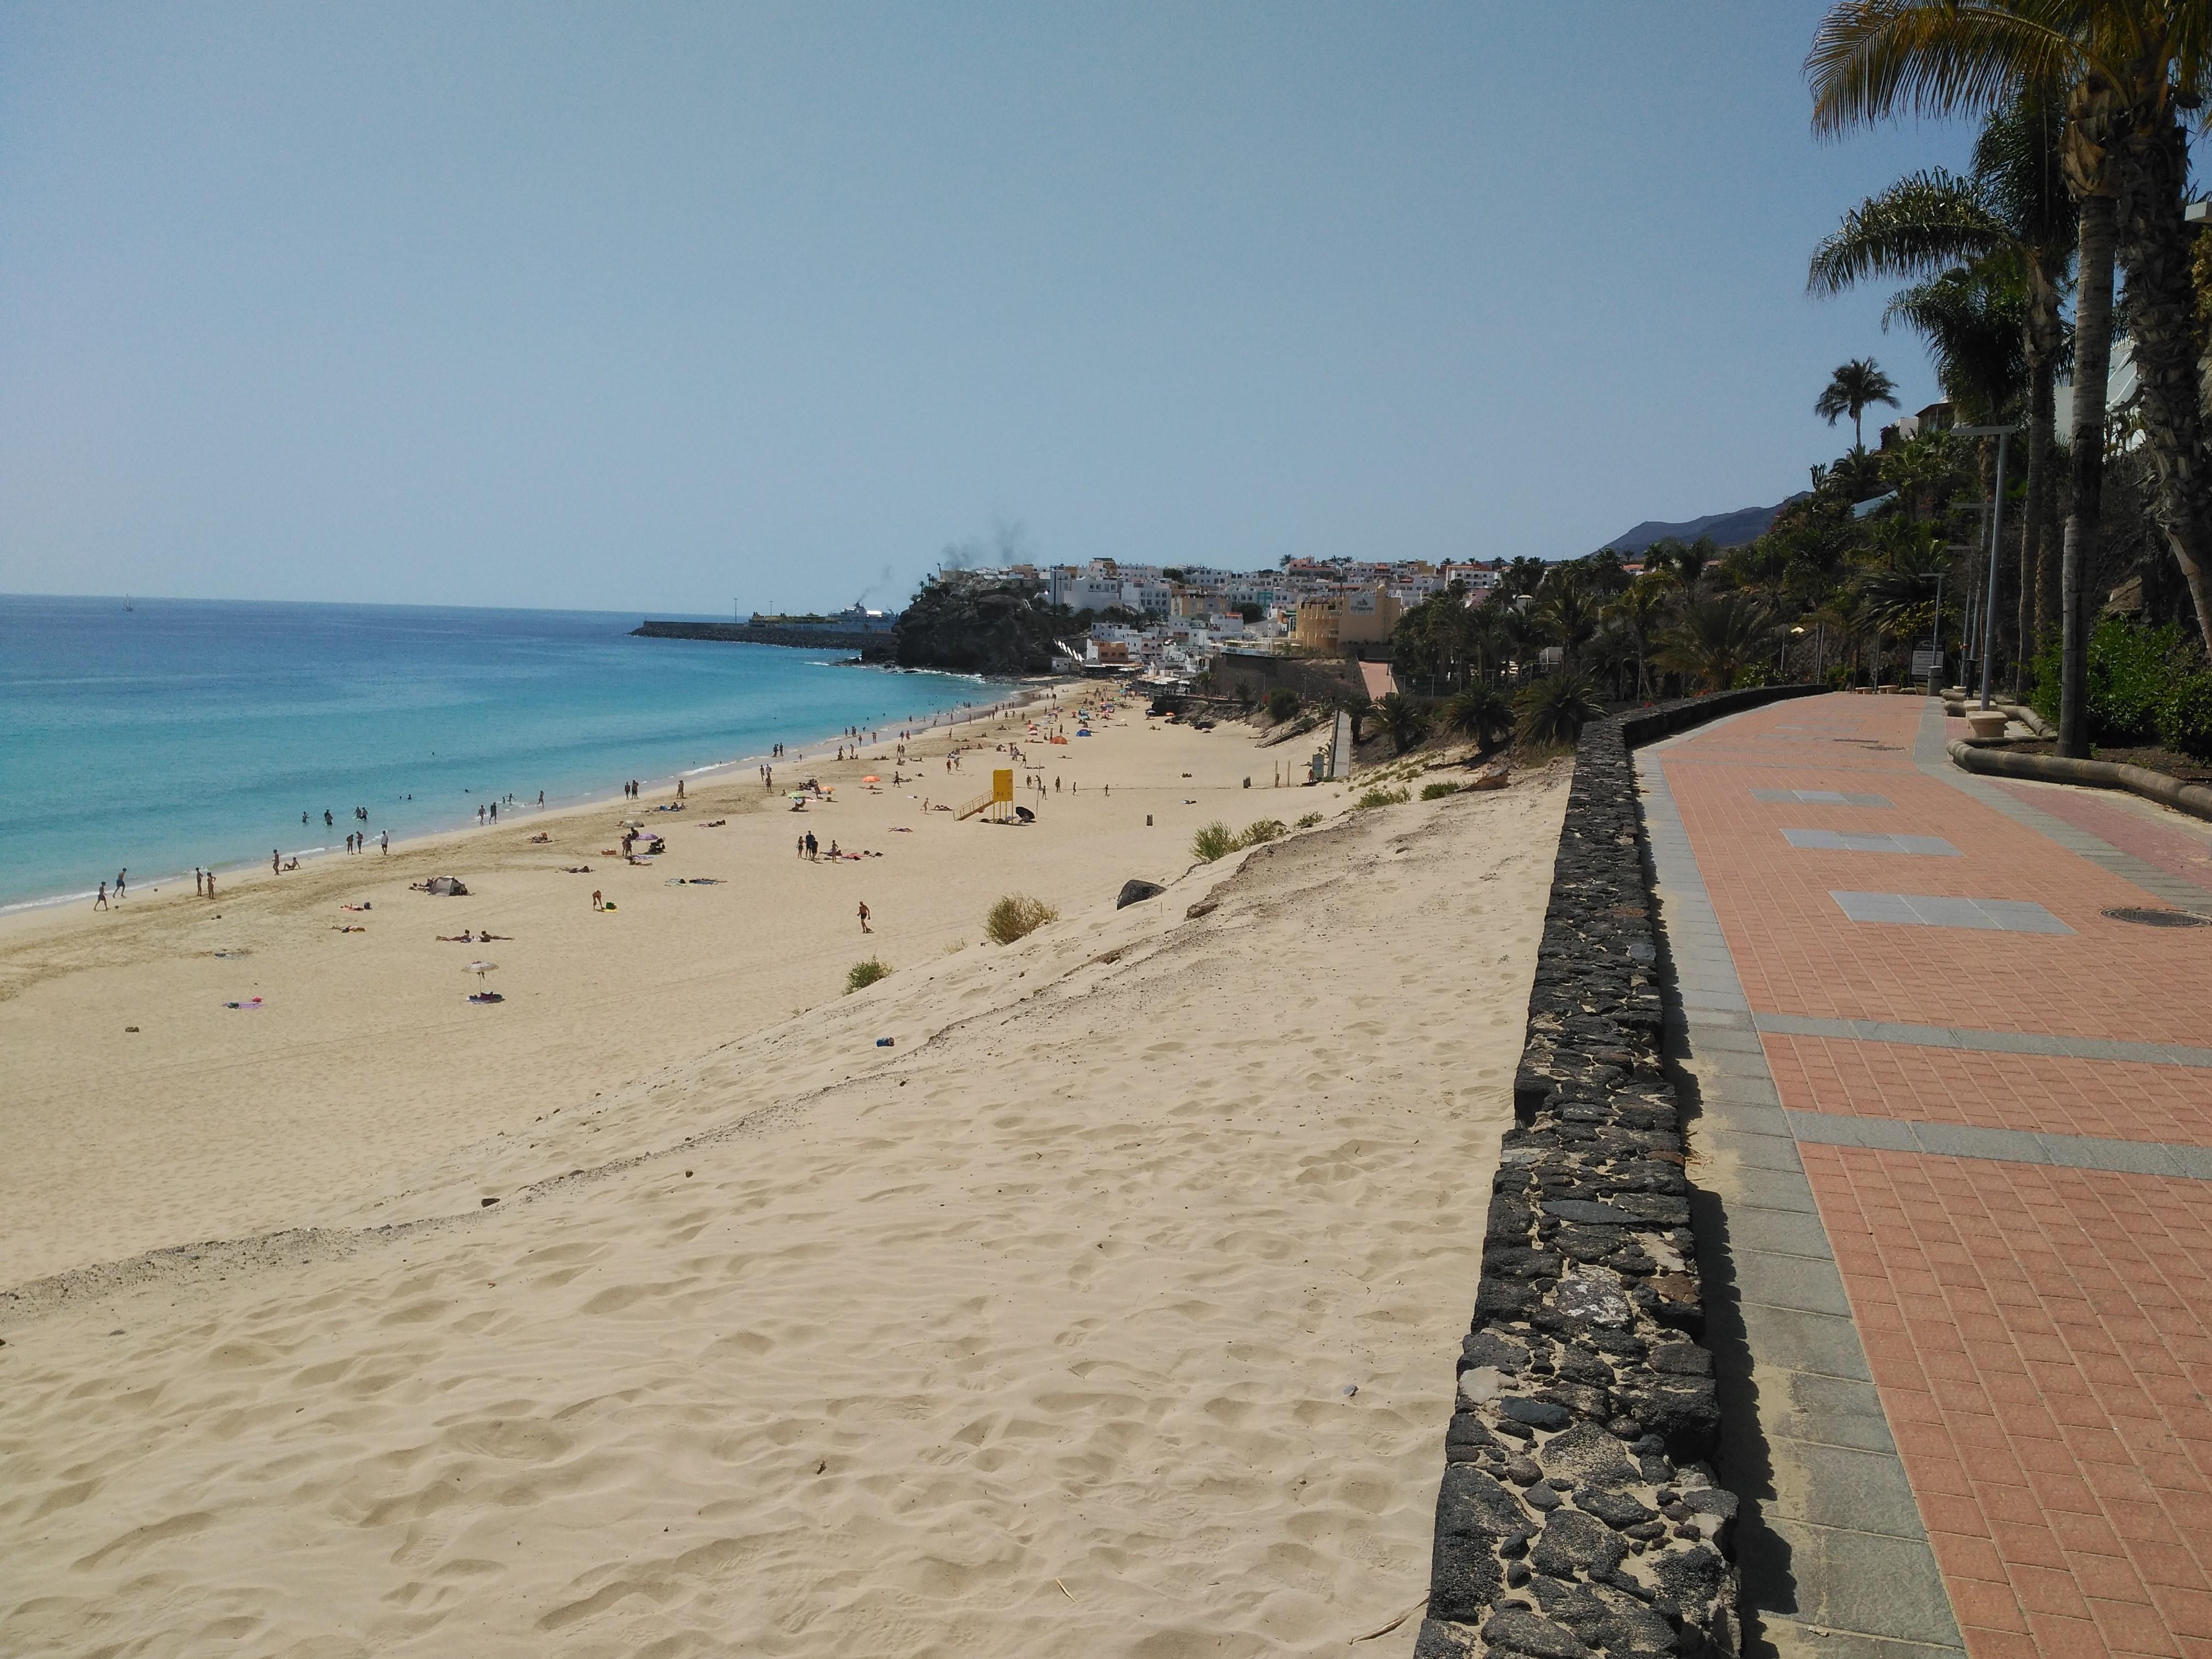 Ferienwohnung Apartment in Strandnhe mit groer Terrasse, Wlan und Parkplatz (2628896), Costa Calma, Fuerteventura, Kanarische Inseln, Spanien, Bild 37